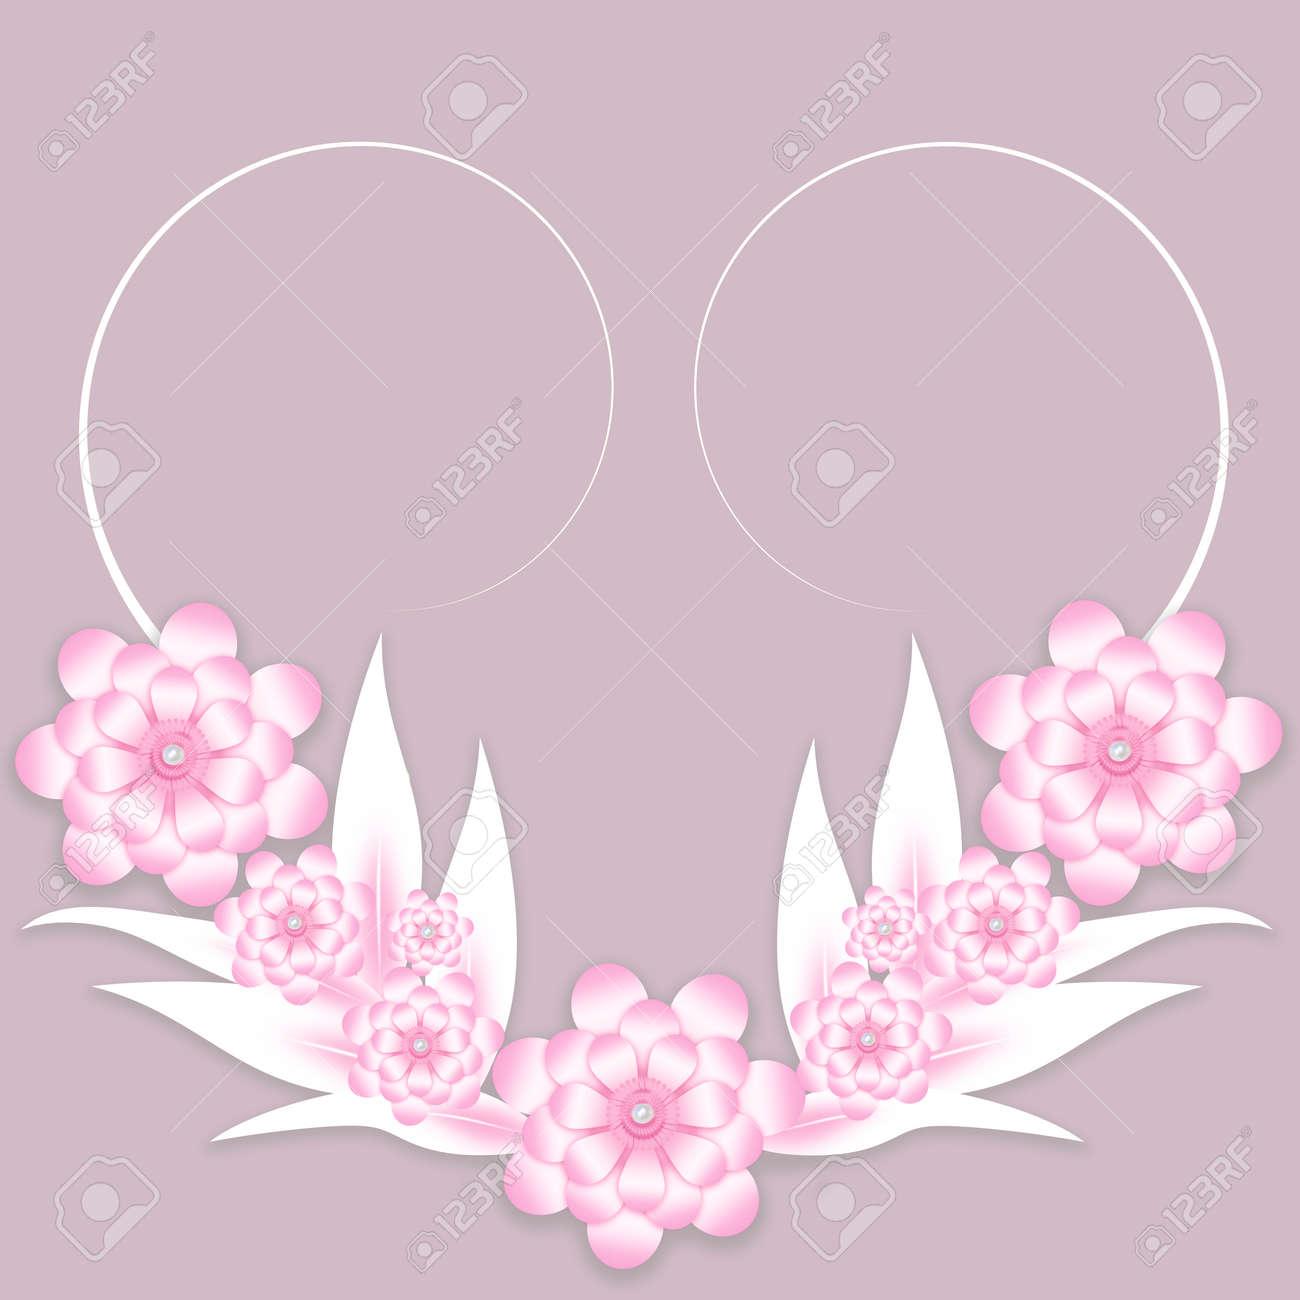 Fondo De Flores De Papel Rosa Y Blanco Para Invitación De Boda O Plantilla De Tarjeta De Felicitación A Las Mujeres Madres Día De San Valentín